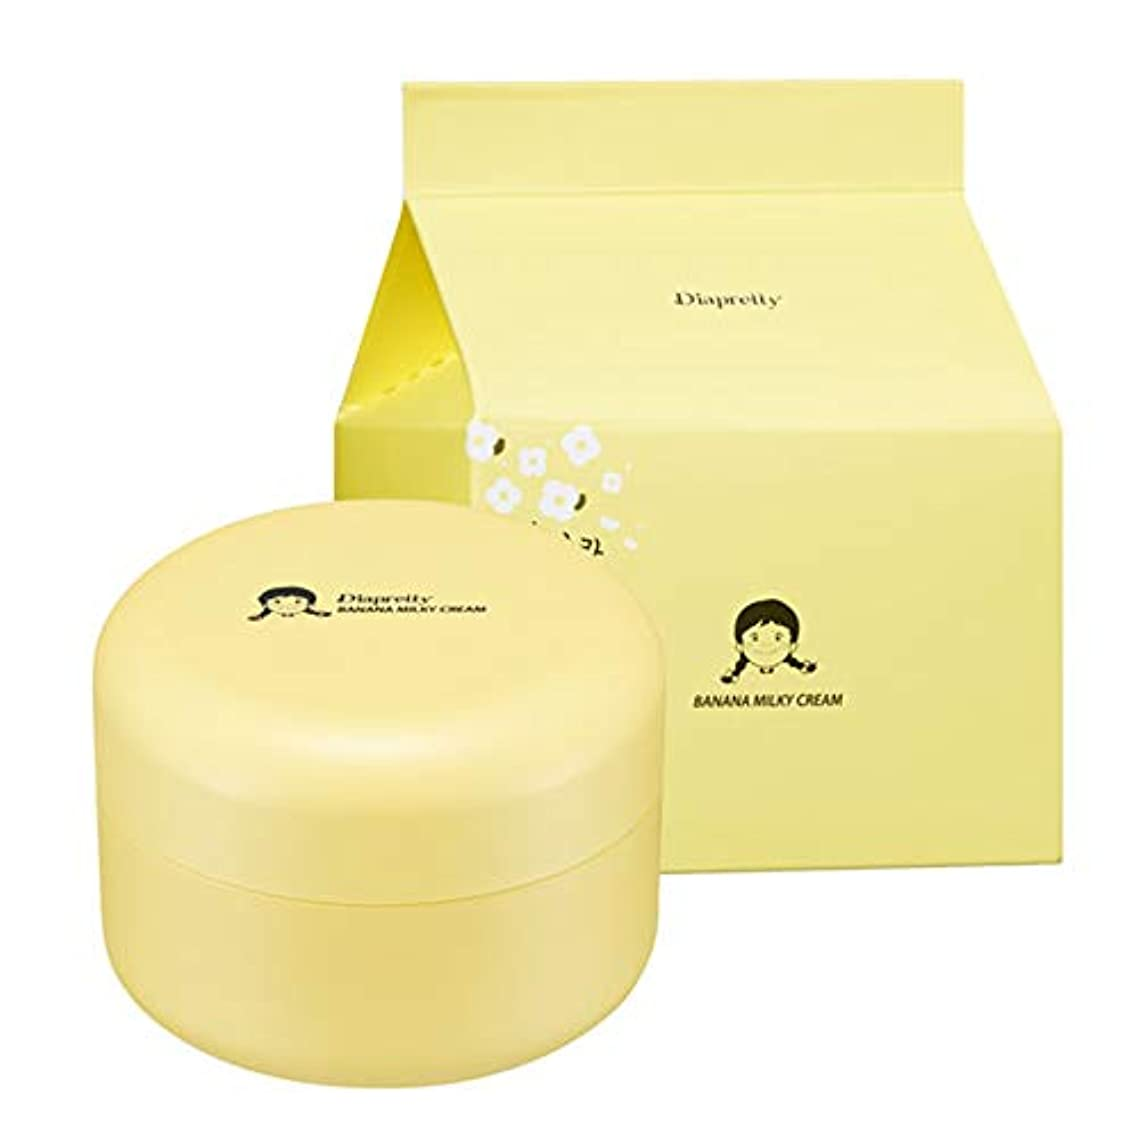 不純ハシーグラディス[ダイアプリティ] バナナ ミルキークリーム 50ml, [Diapretty]Banana Milky Cream 50ml